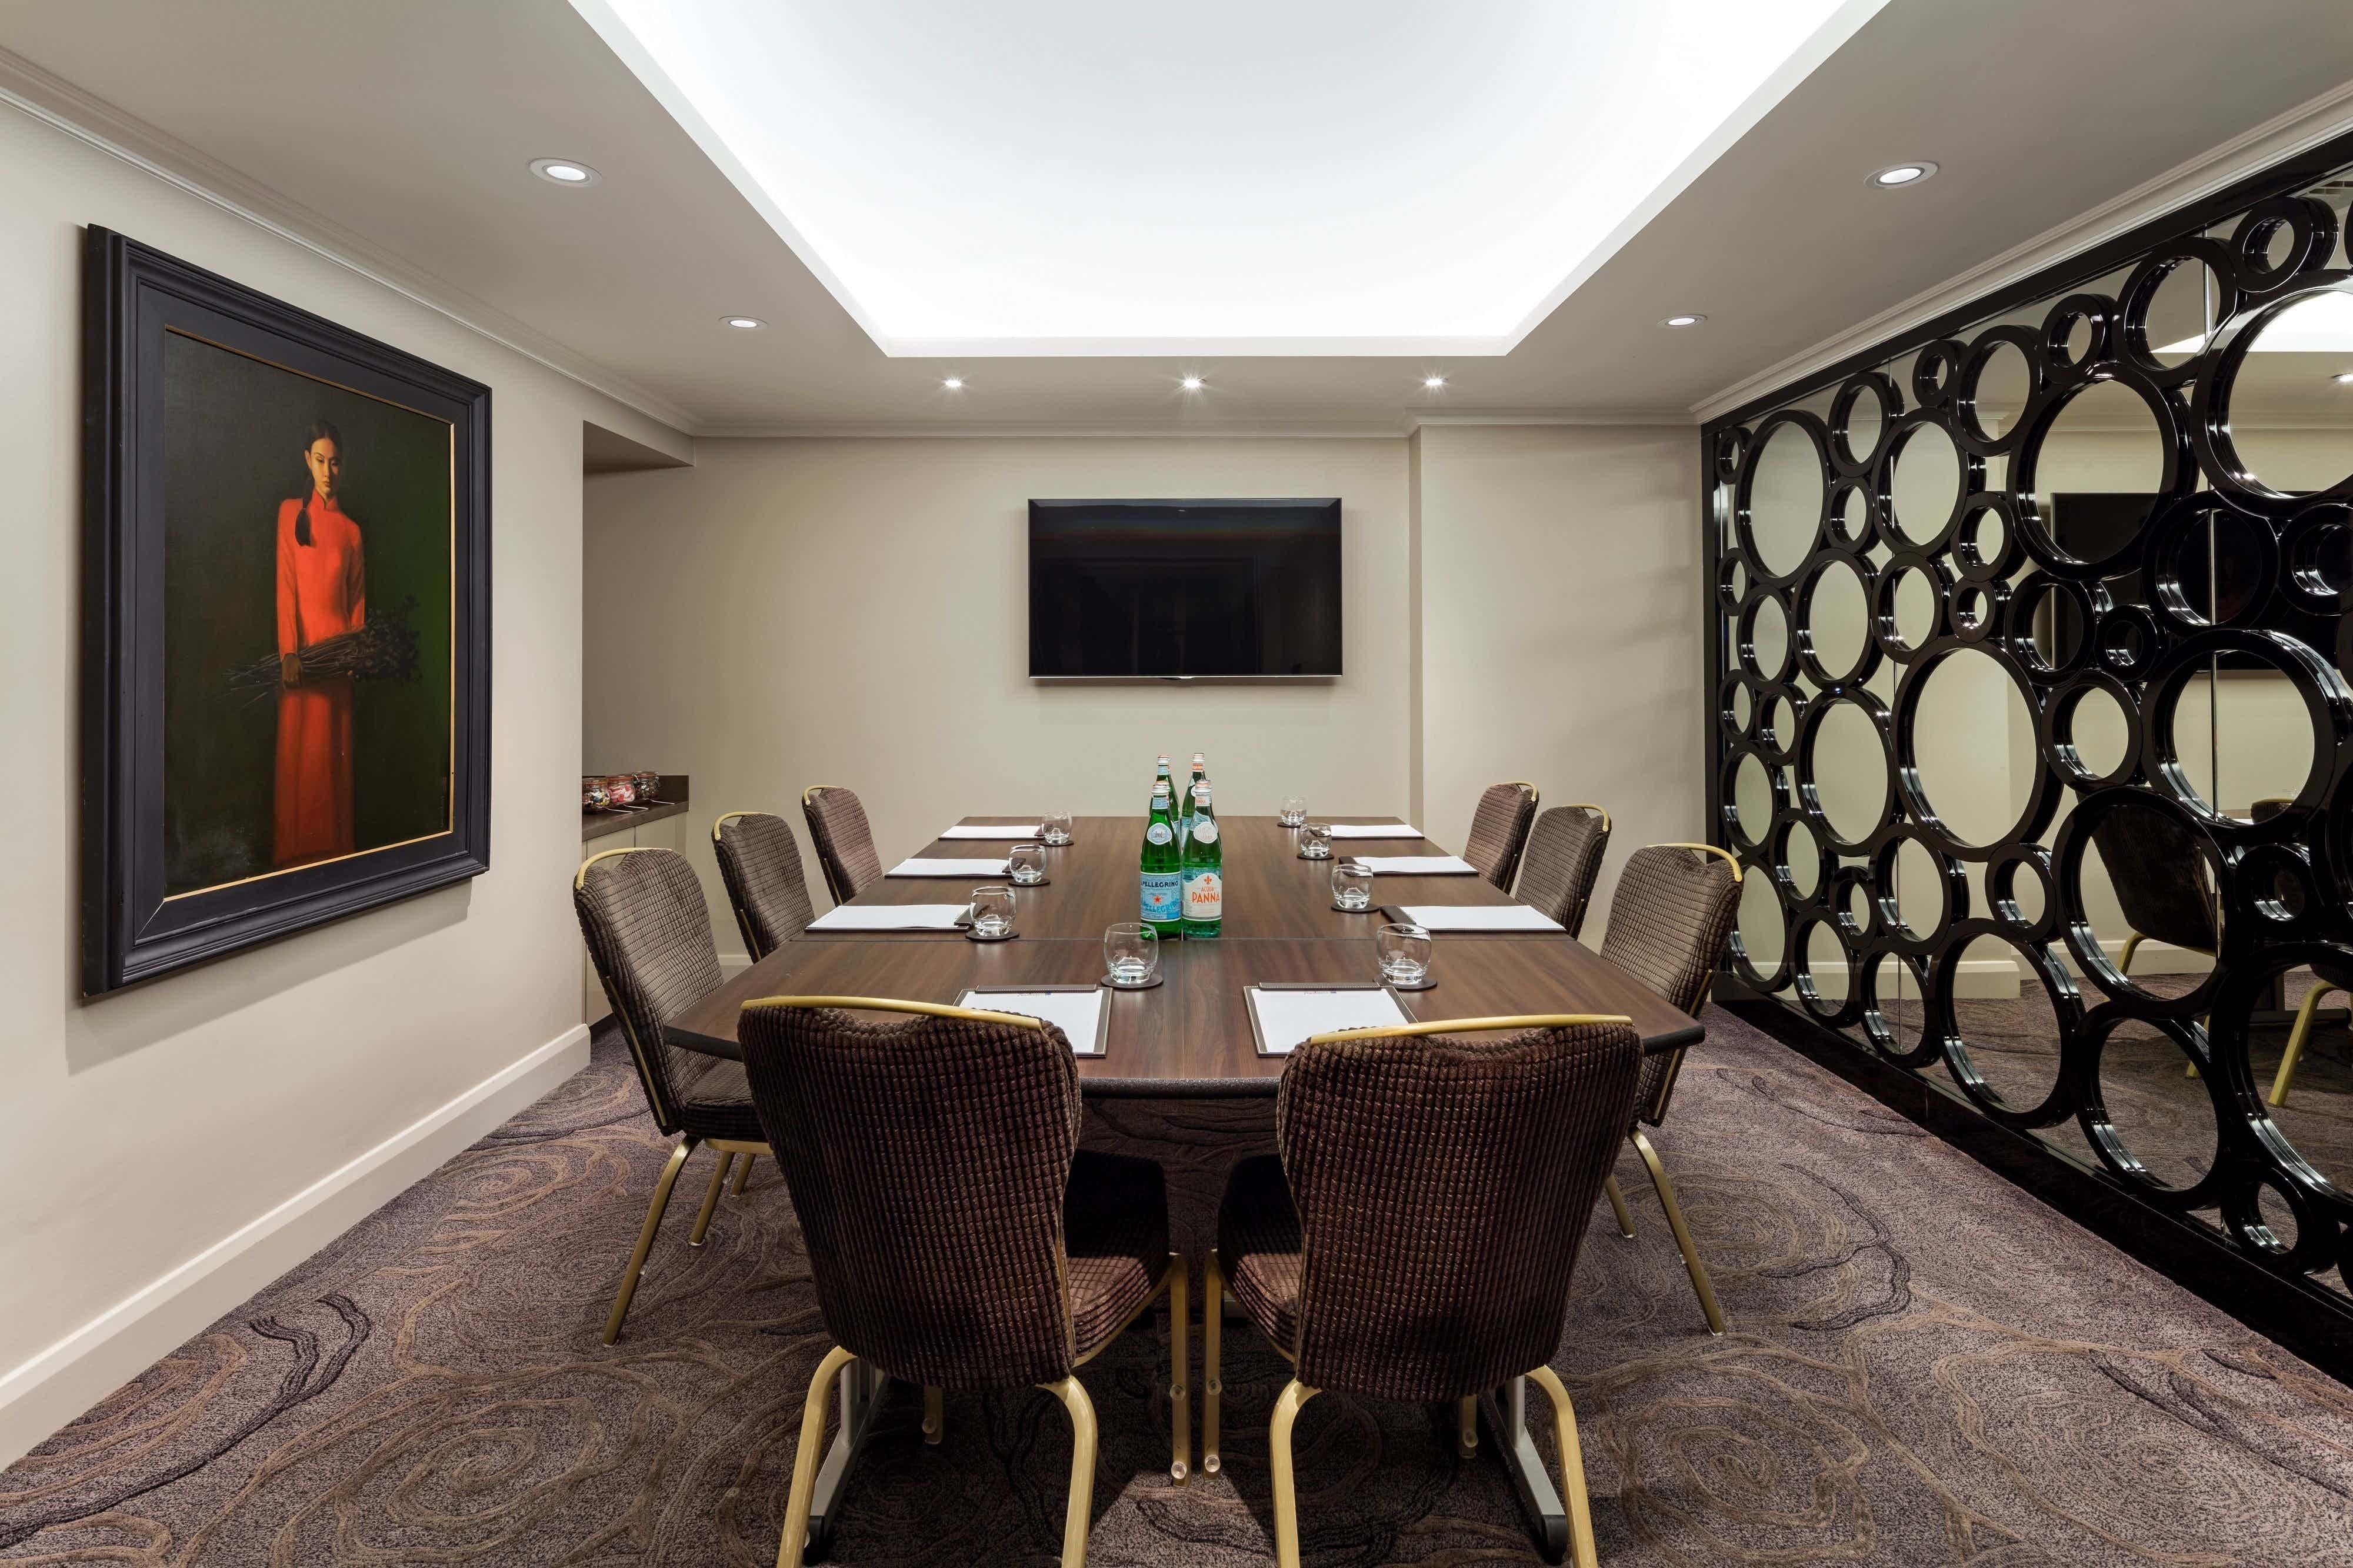 Private Room 7, Radisson Blu Edwardian, Vanderbilt